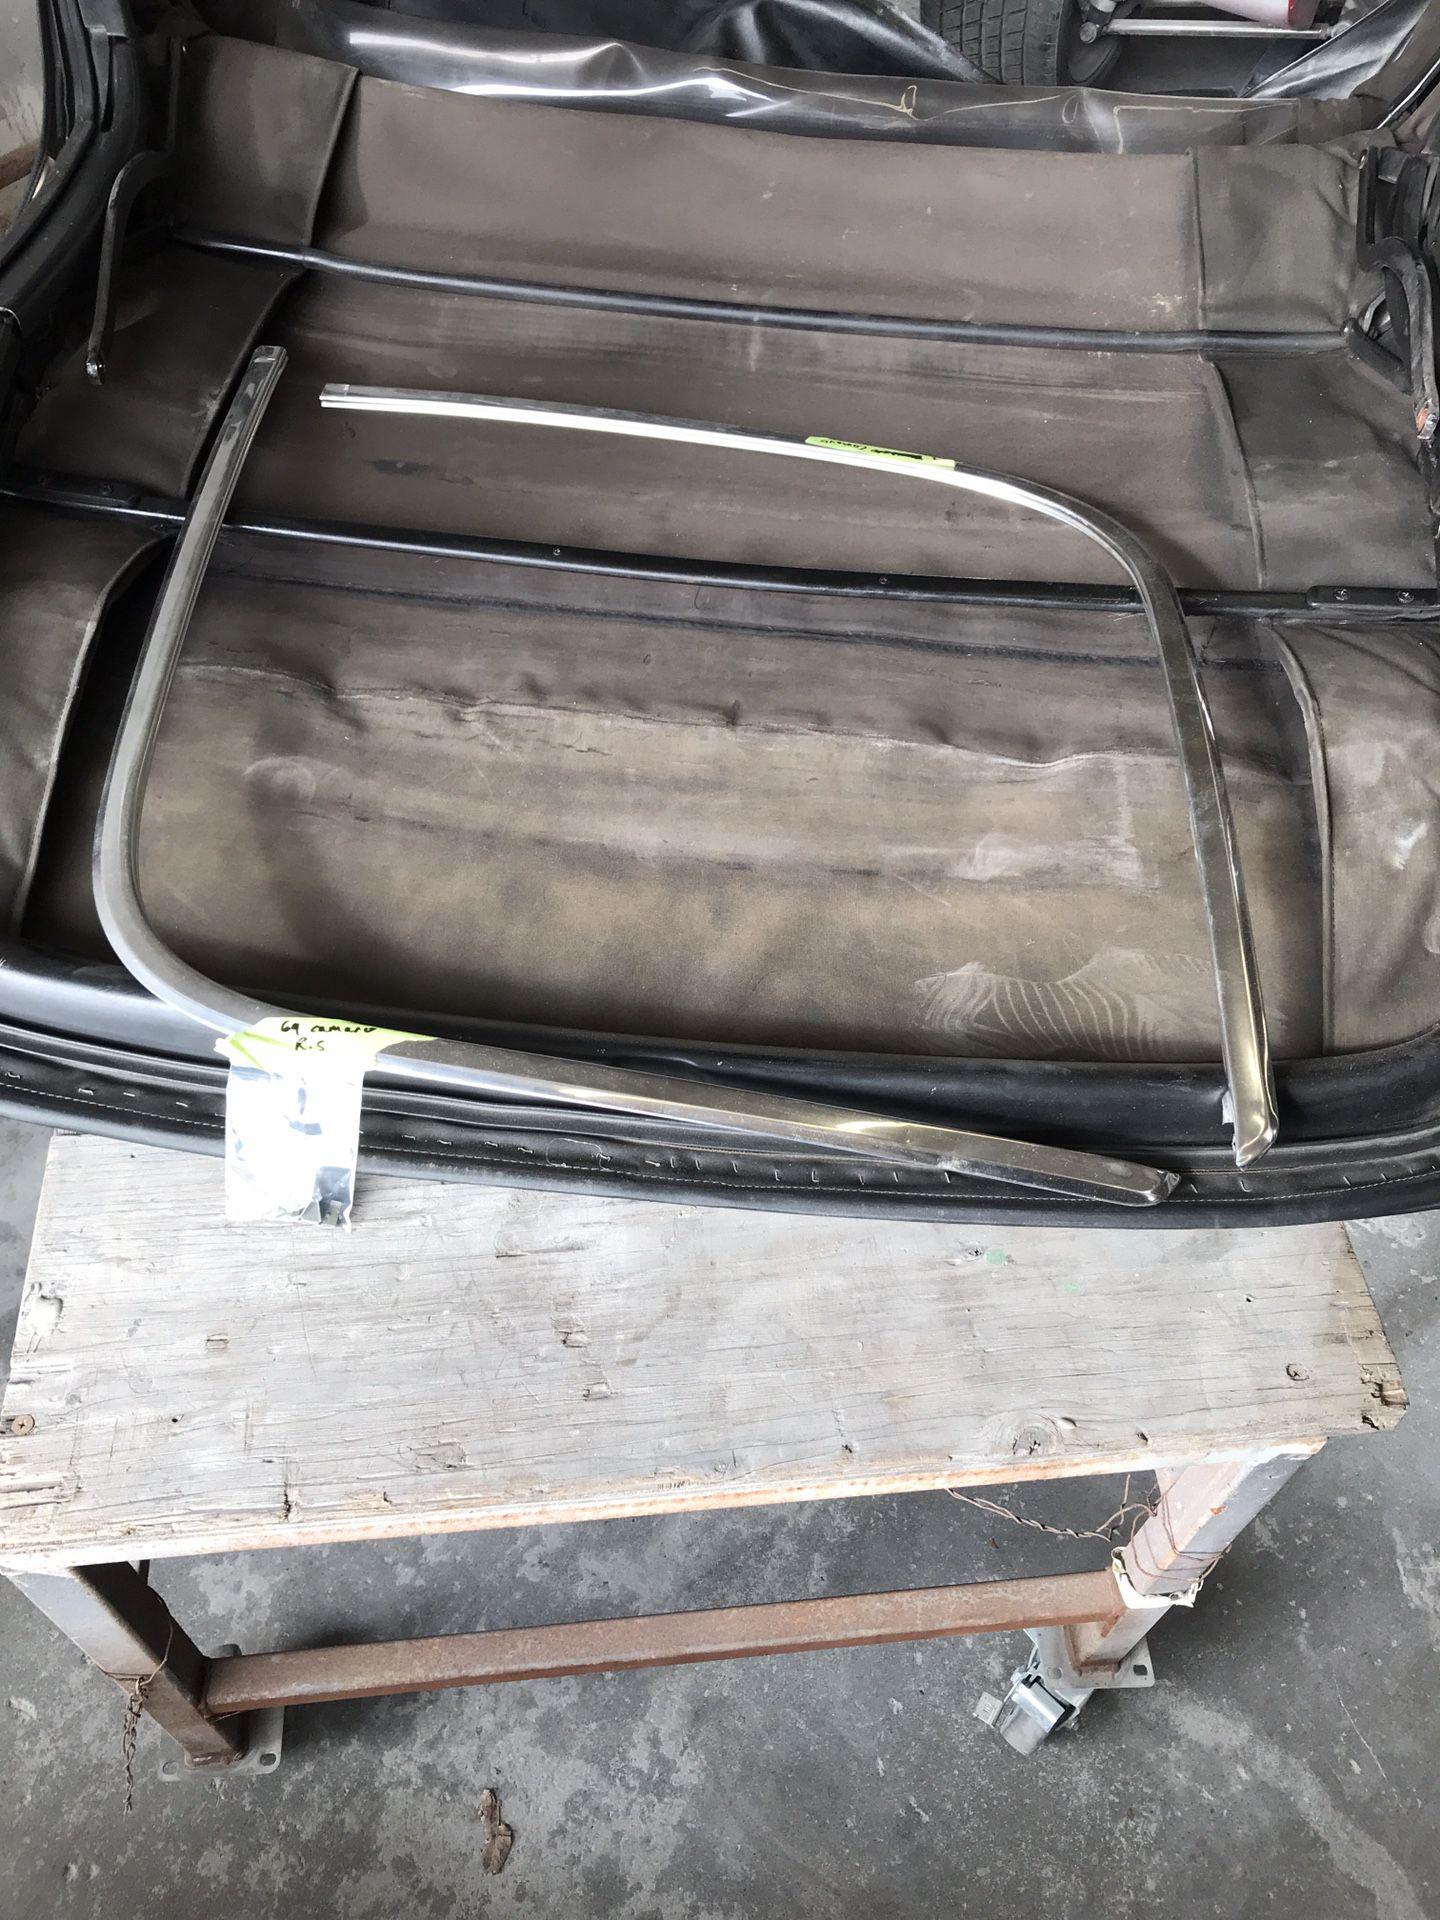 1968 Camaro Convertible Bows